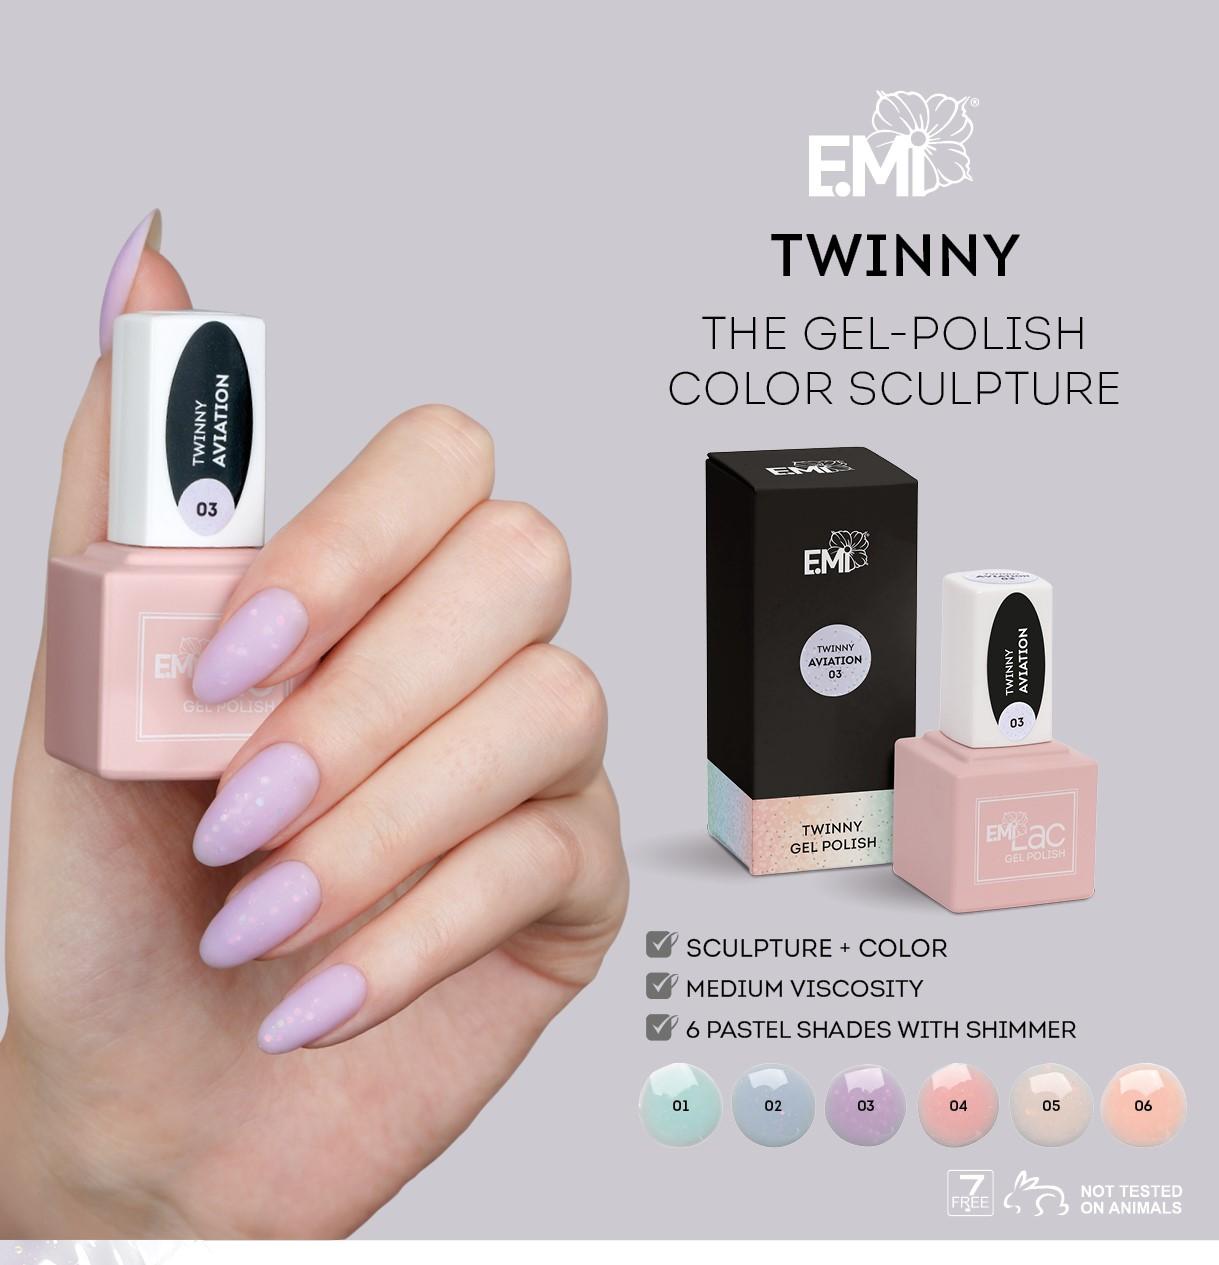 Twinny Nova Kolekce Eshop E Mi Manikury